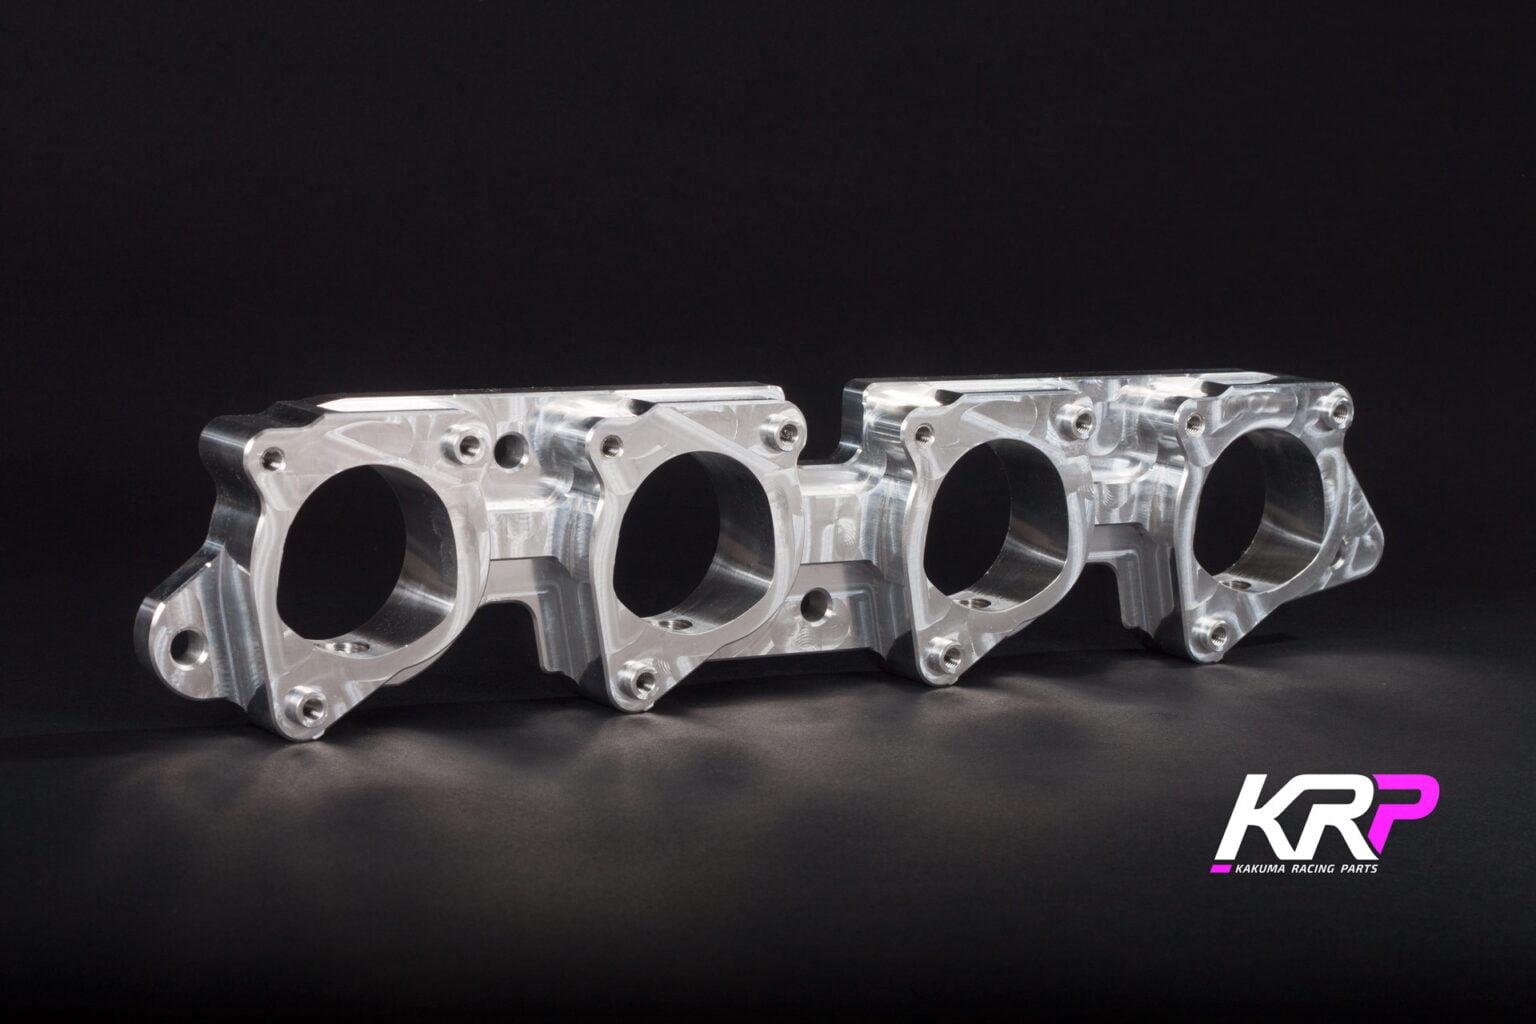 kakuma parts vision4reality Product Photography